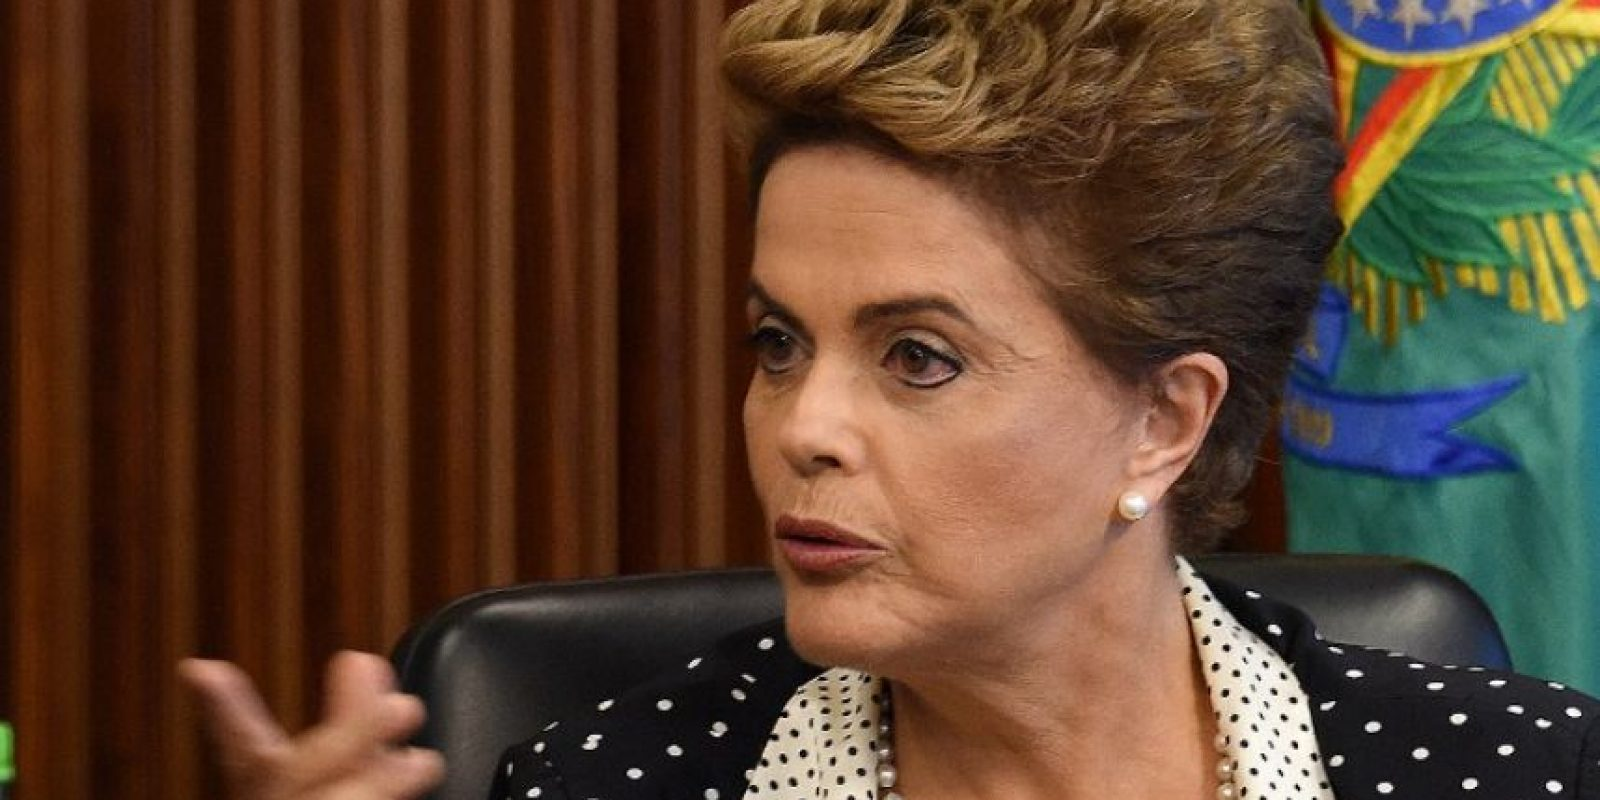 La presidenta brasileña, Dilma Rousseff, durante una reunión. Foto:AFP